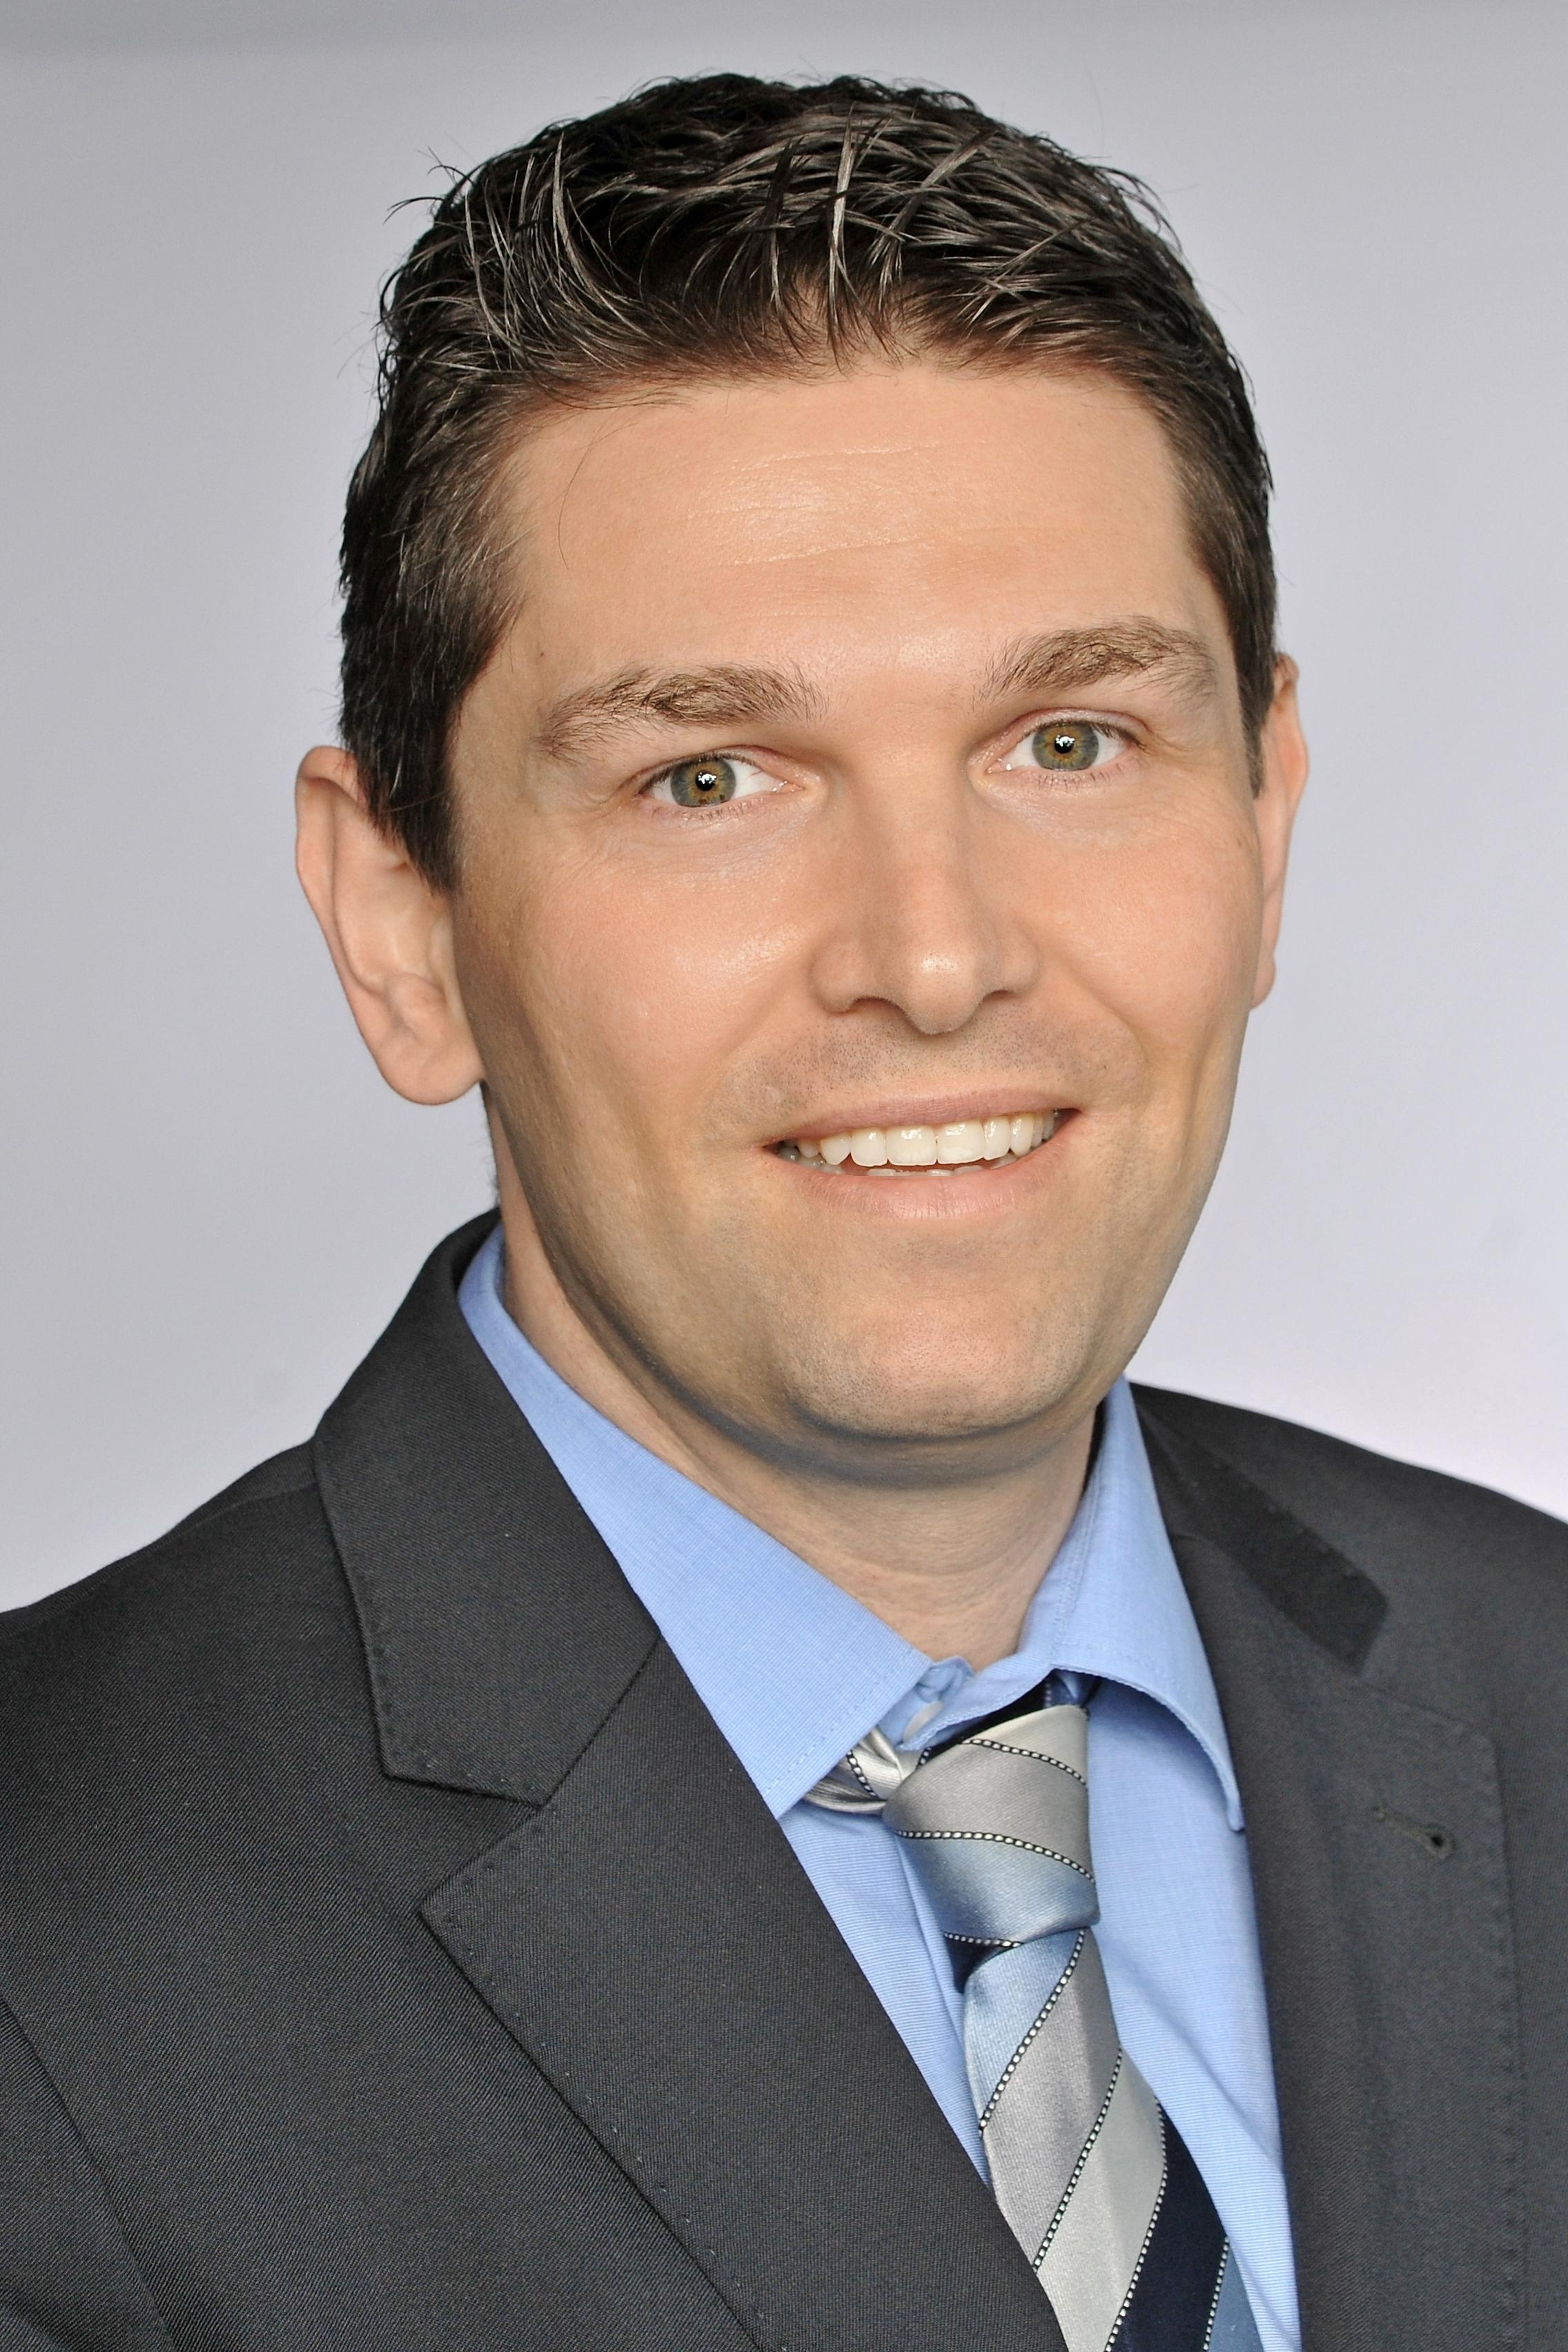 Thorsten Schön